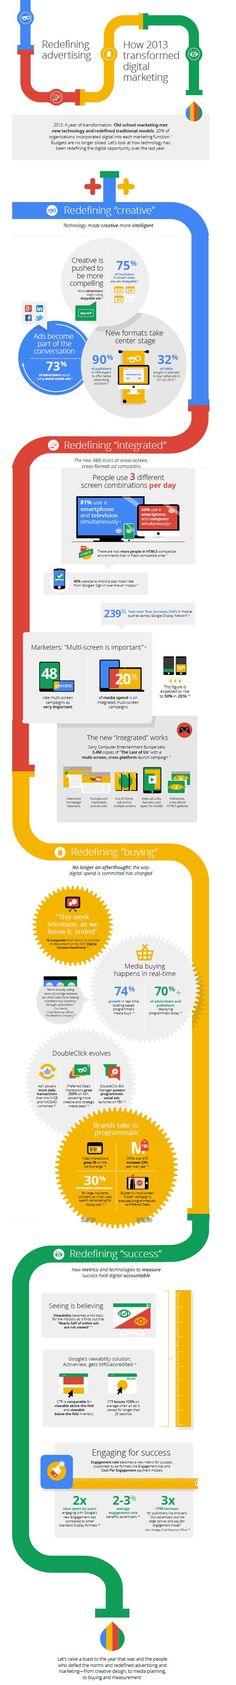 2013'ten bu yana dijital pazarlamada meydana gelen değişiklikler #infographic